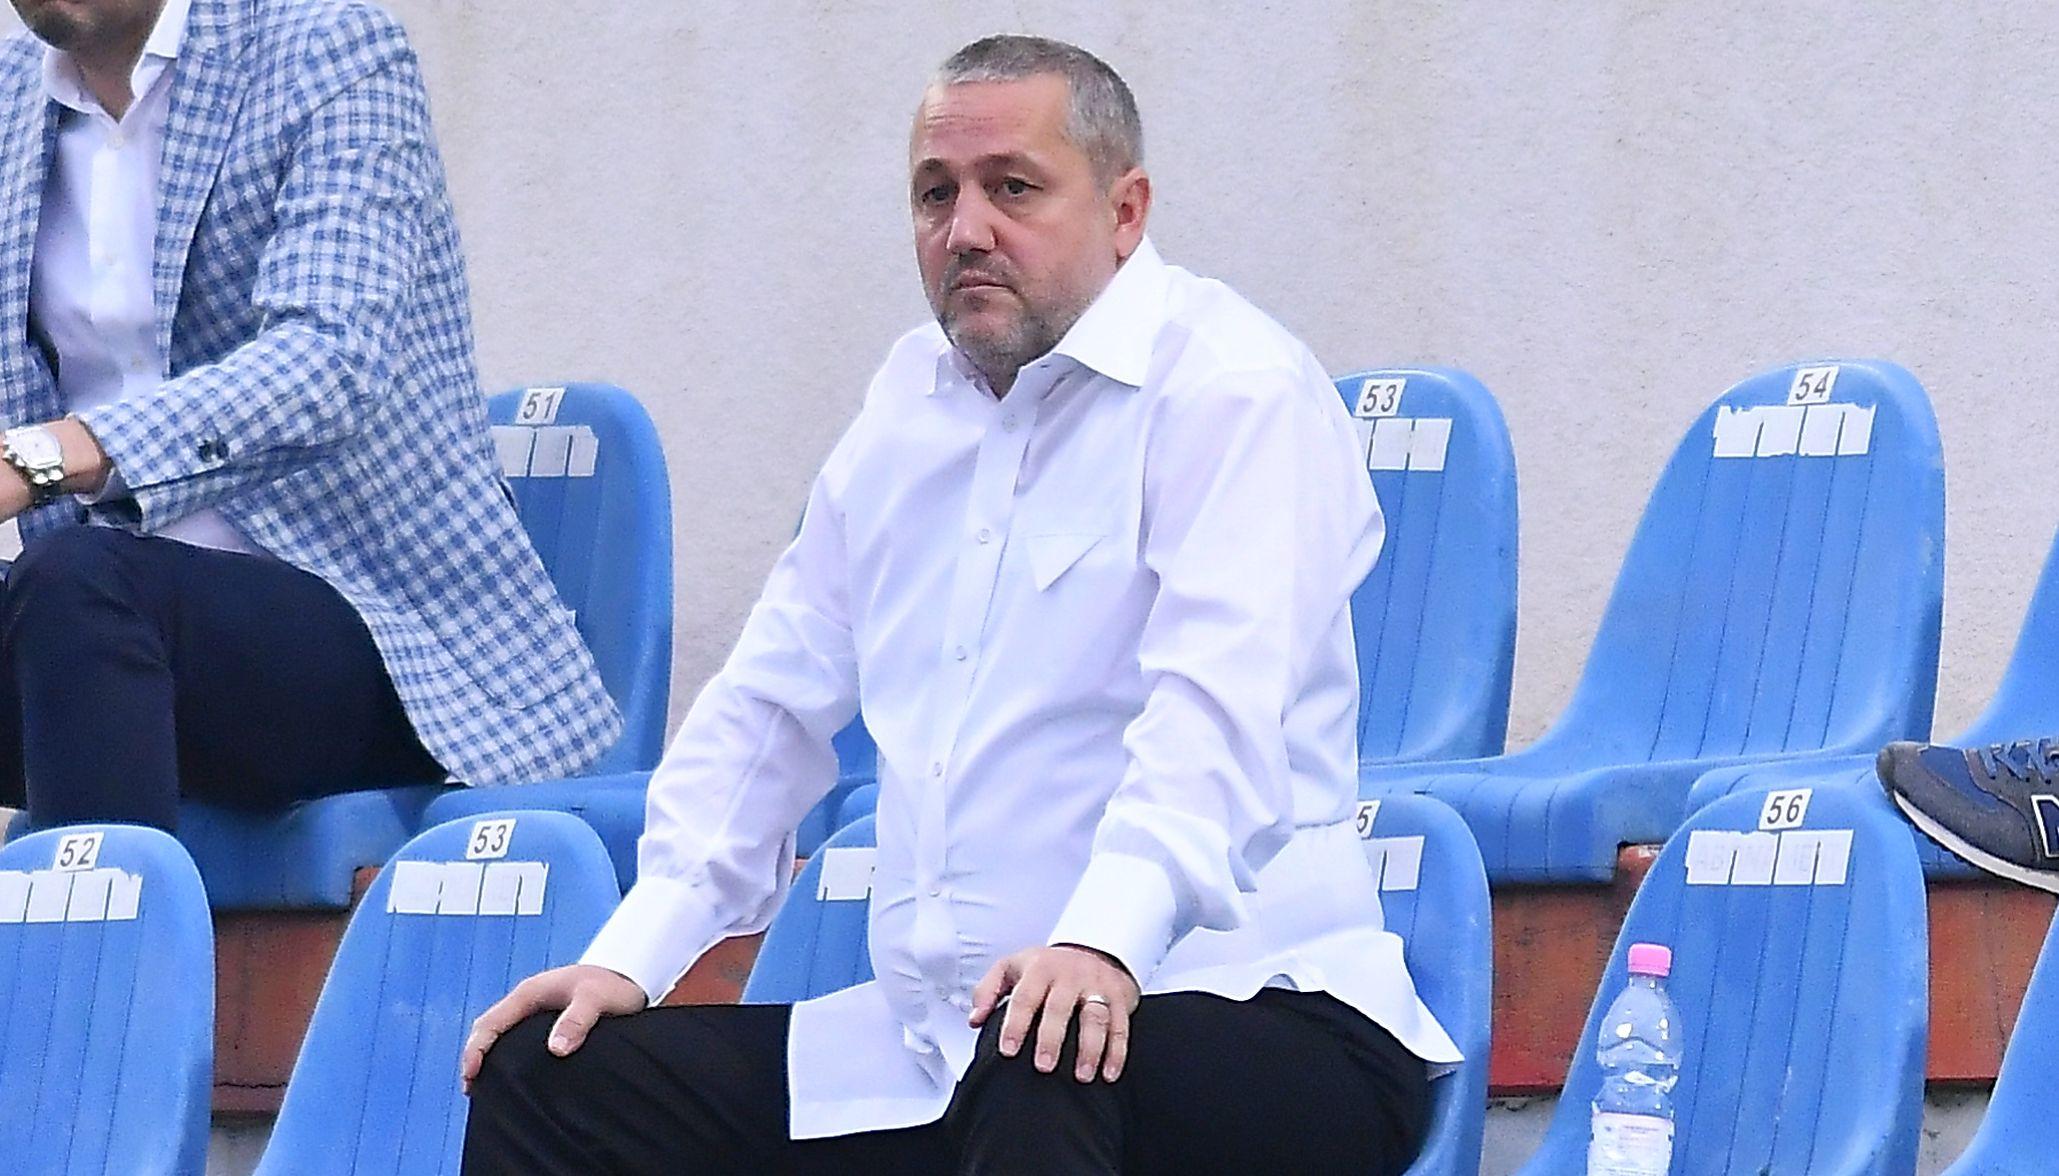 """Va da sau nu Universitatea Craiova jucători la Jocurile Olimpice? Mihai Rotaru: """"Nu știm dacă e albă sau e neagră"""""""